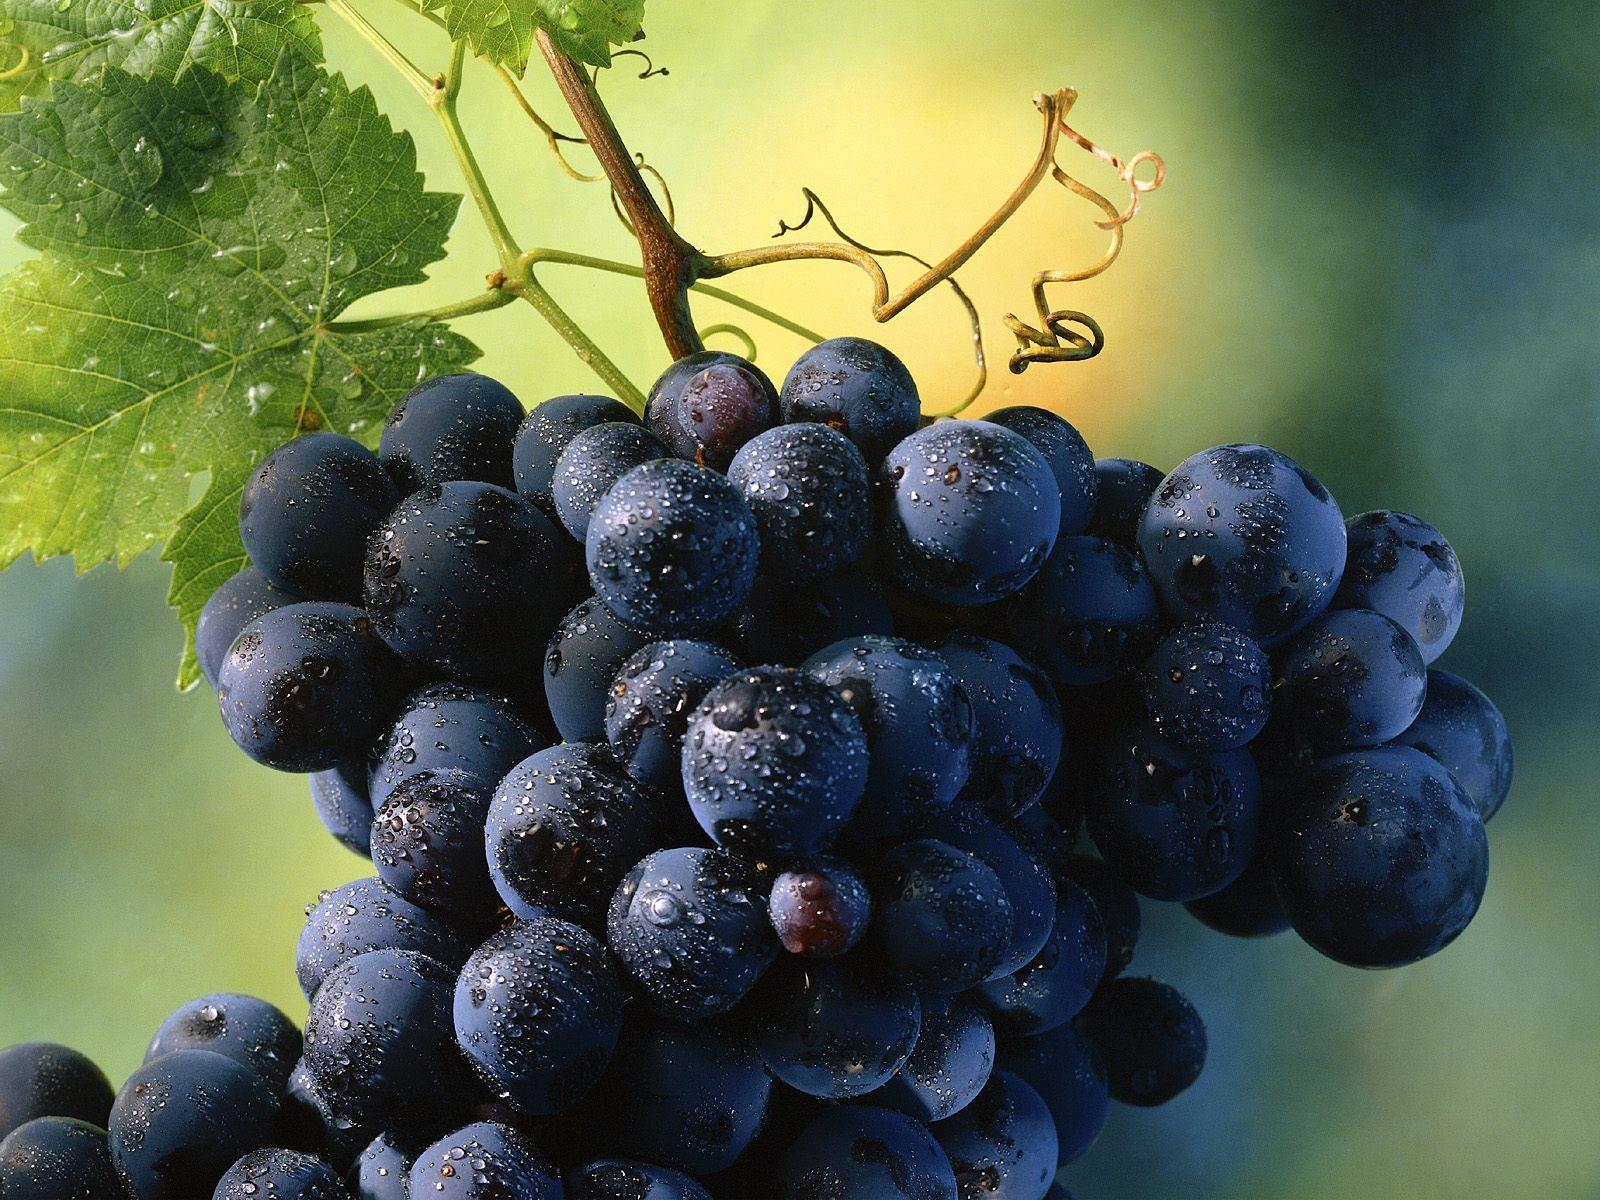 http://4.bp.blogspot.com/-Z-p87IuShwA/Tawtn0hrMoI/AAAAAAAABDI/cRo1rsFE3Xo/s1600/tasty_grapes-1600x1200-HD-Wallpaper.jpg